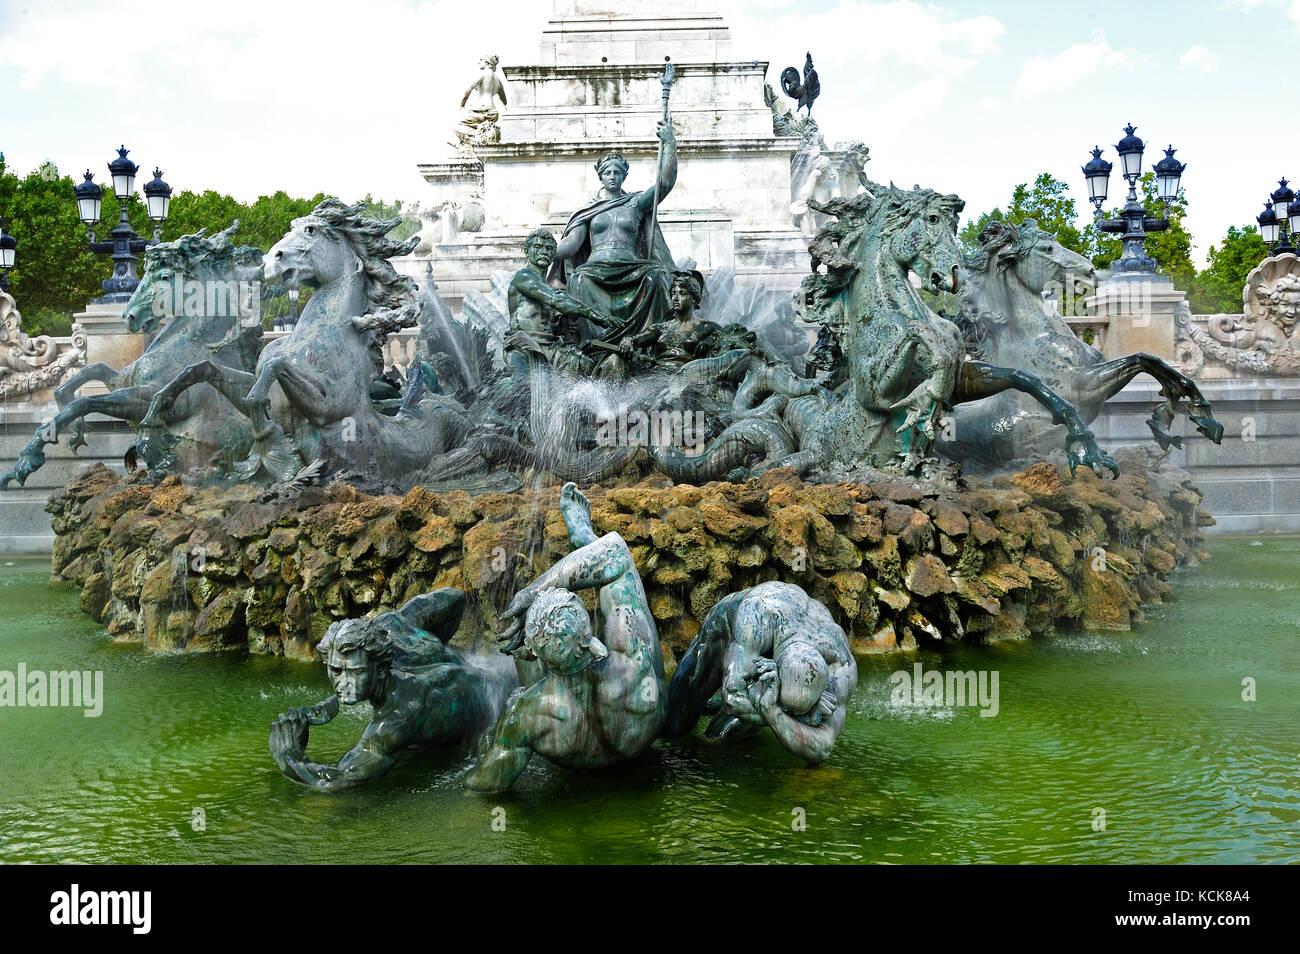 Monument aux Girondins, Place des Quinconces, Bordeaux, Gironde Department, Aquitaine, France - Stock Image